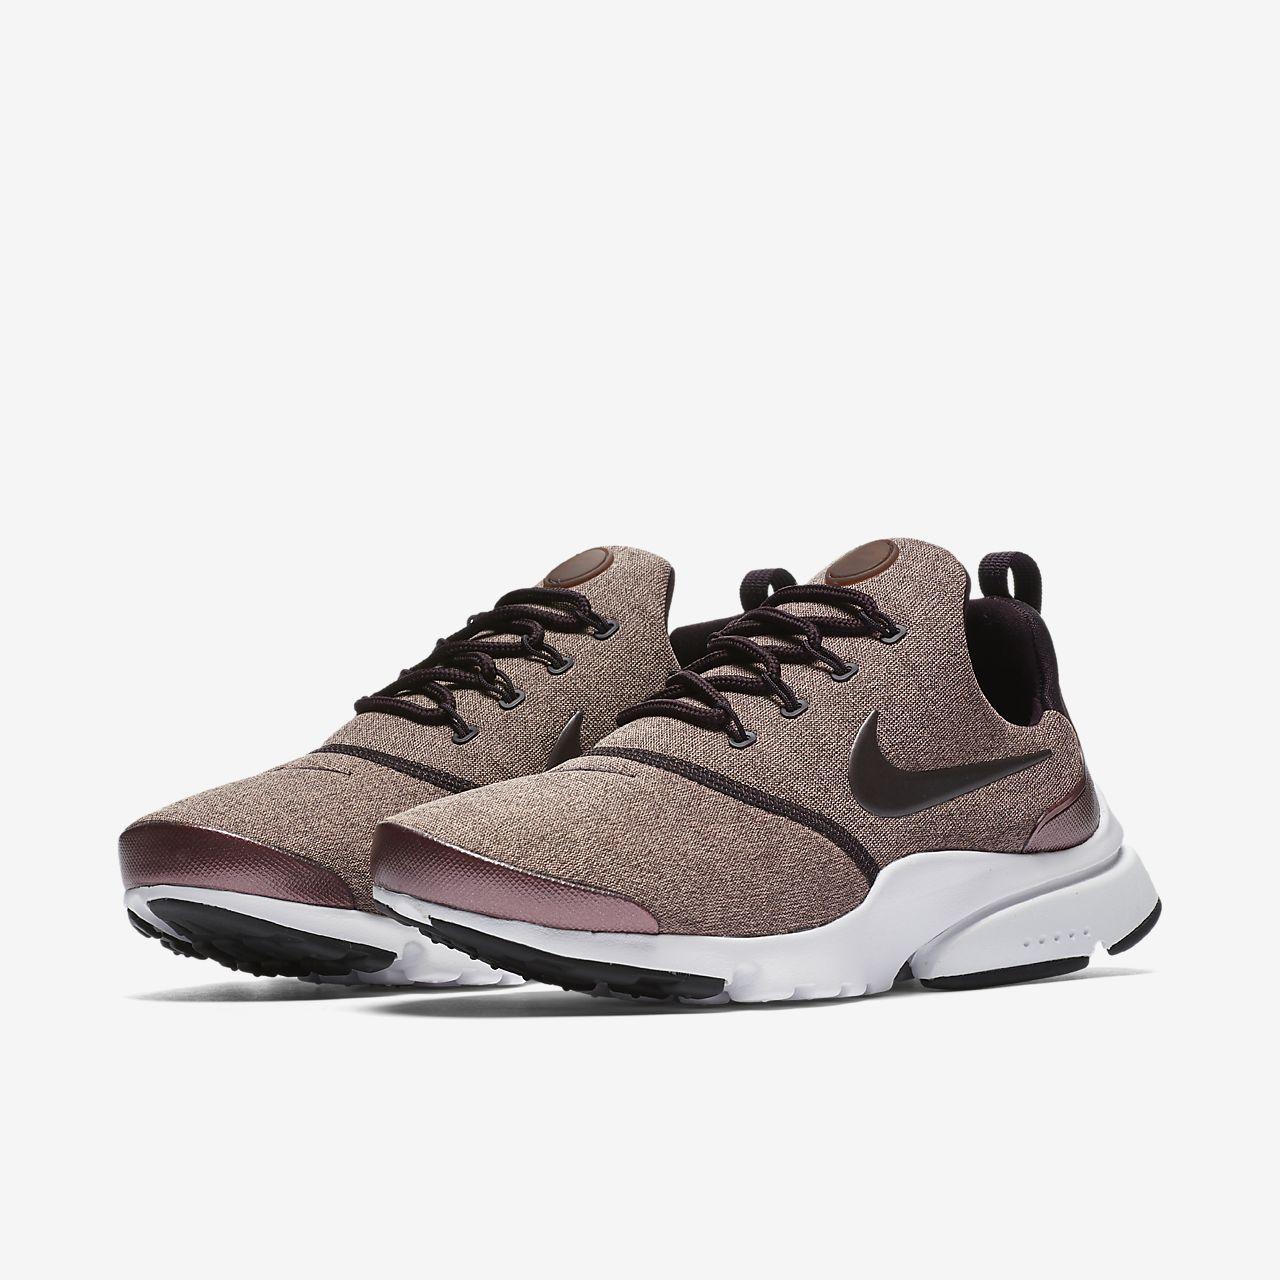 faux Nike Chaussures Wmns Presto Fly La Sortie Dernières Collections Cf4UxJf